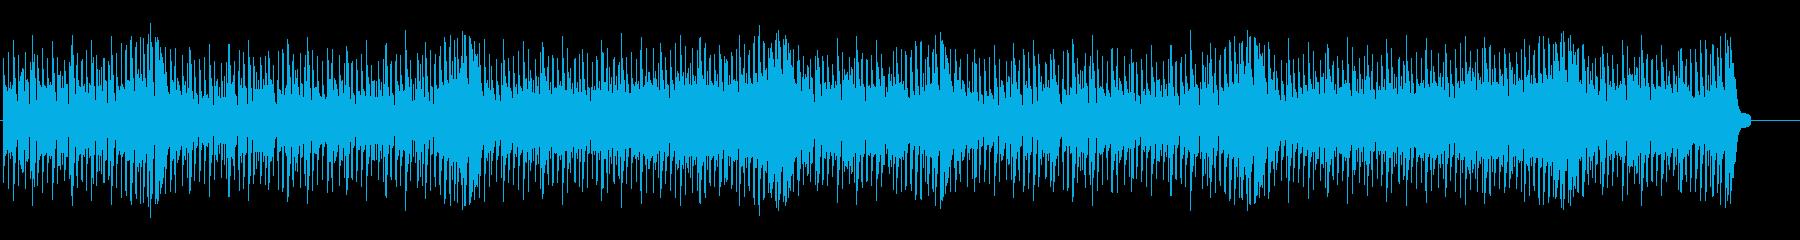 ロックマンの様な音楽ですの再生済みの波形